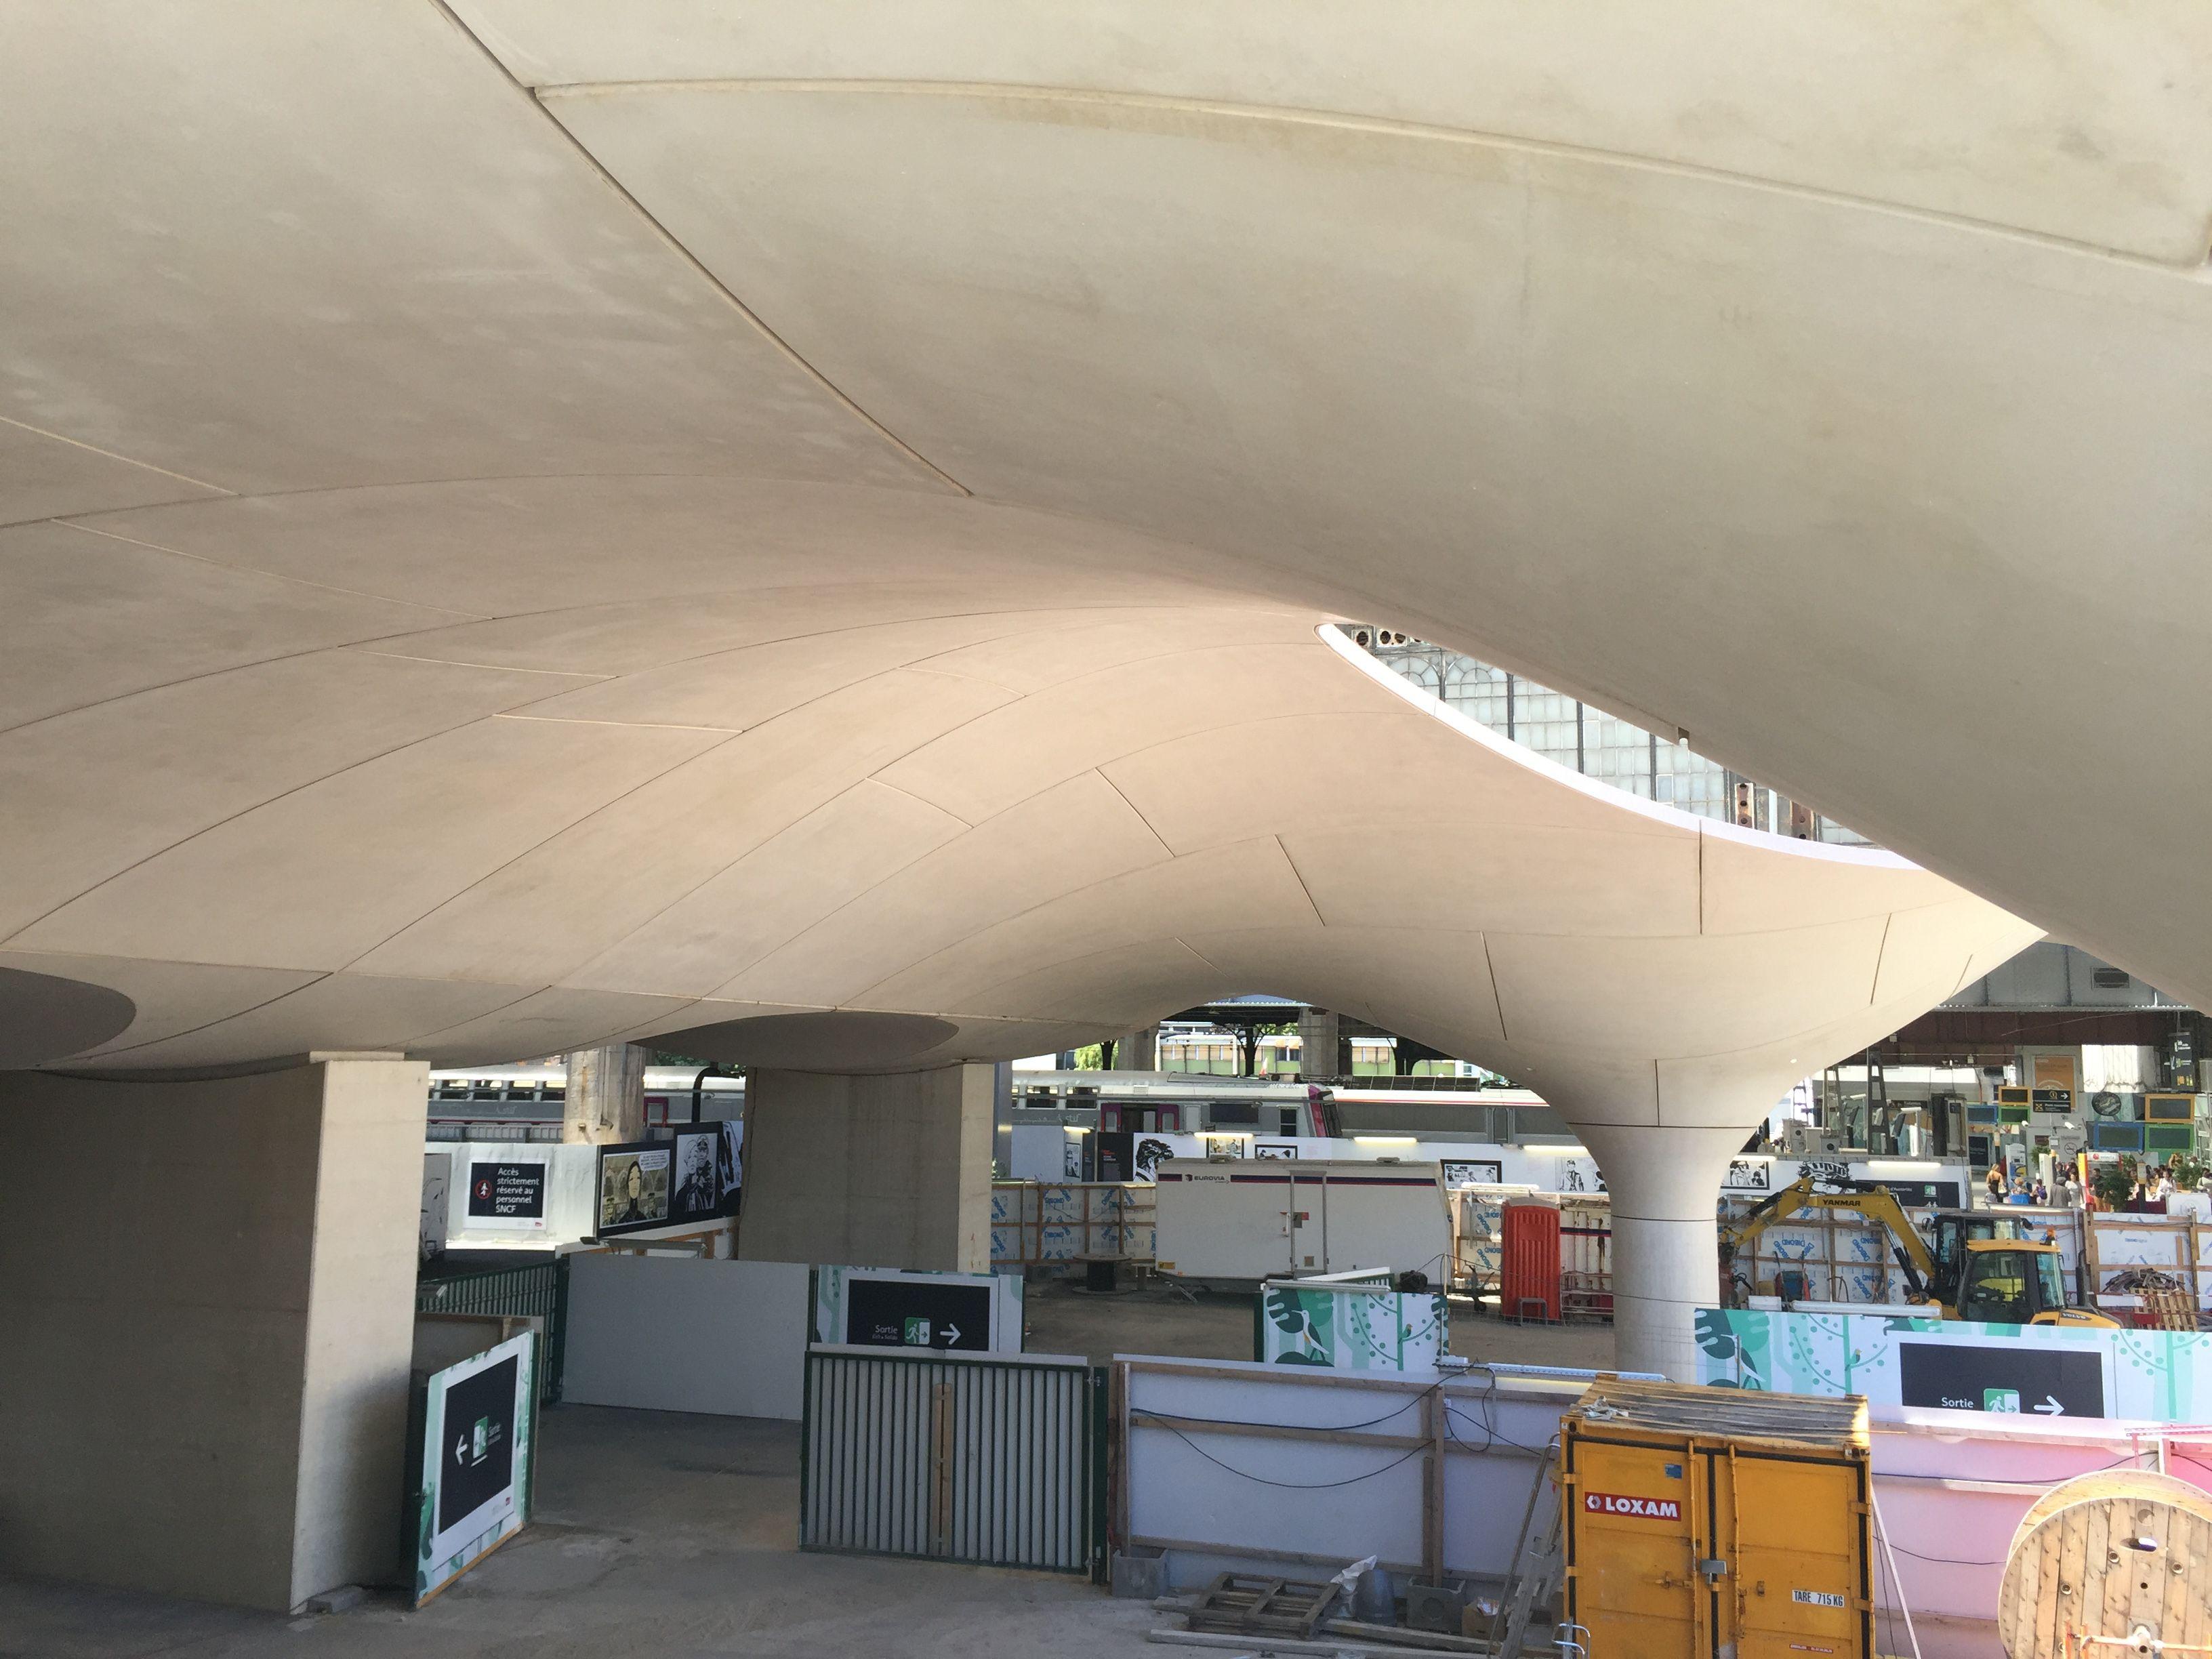 Gare d'Austerlitz - Jean Nouvel / Duthilleul / Arep / #MaP3